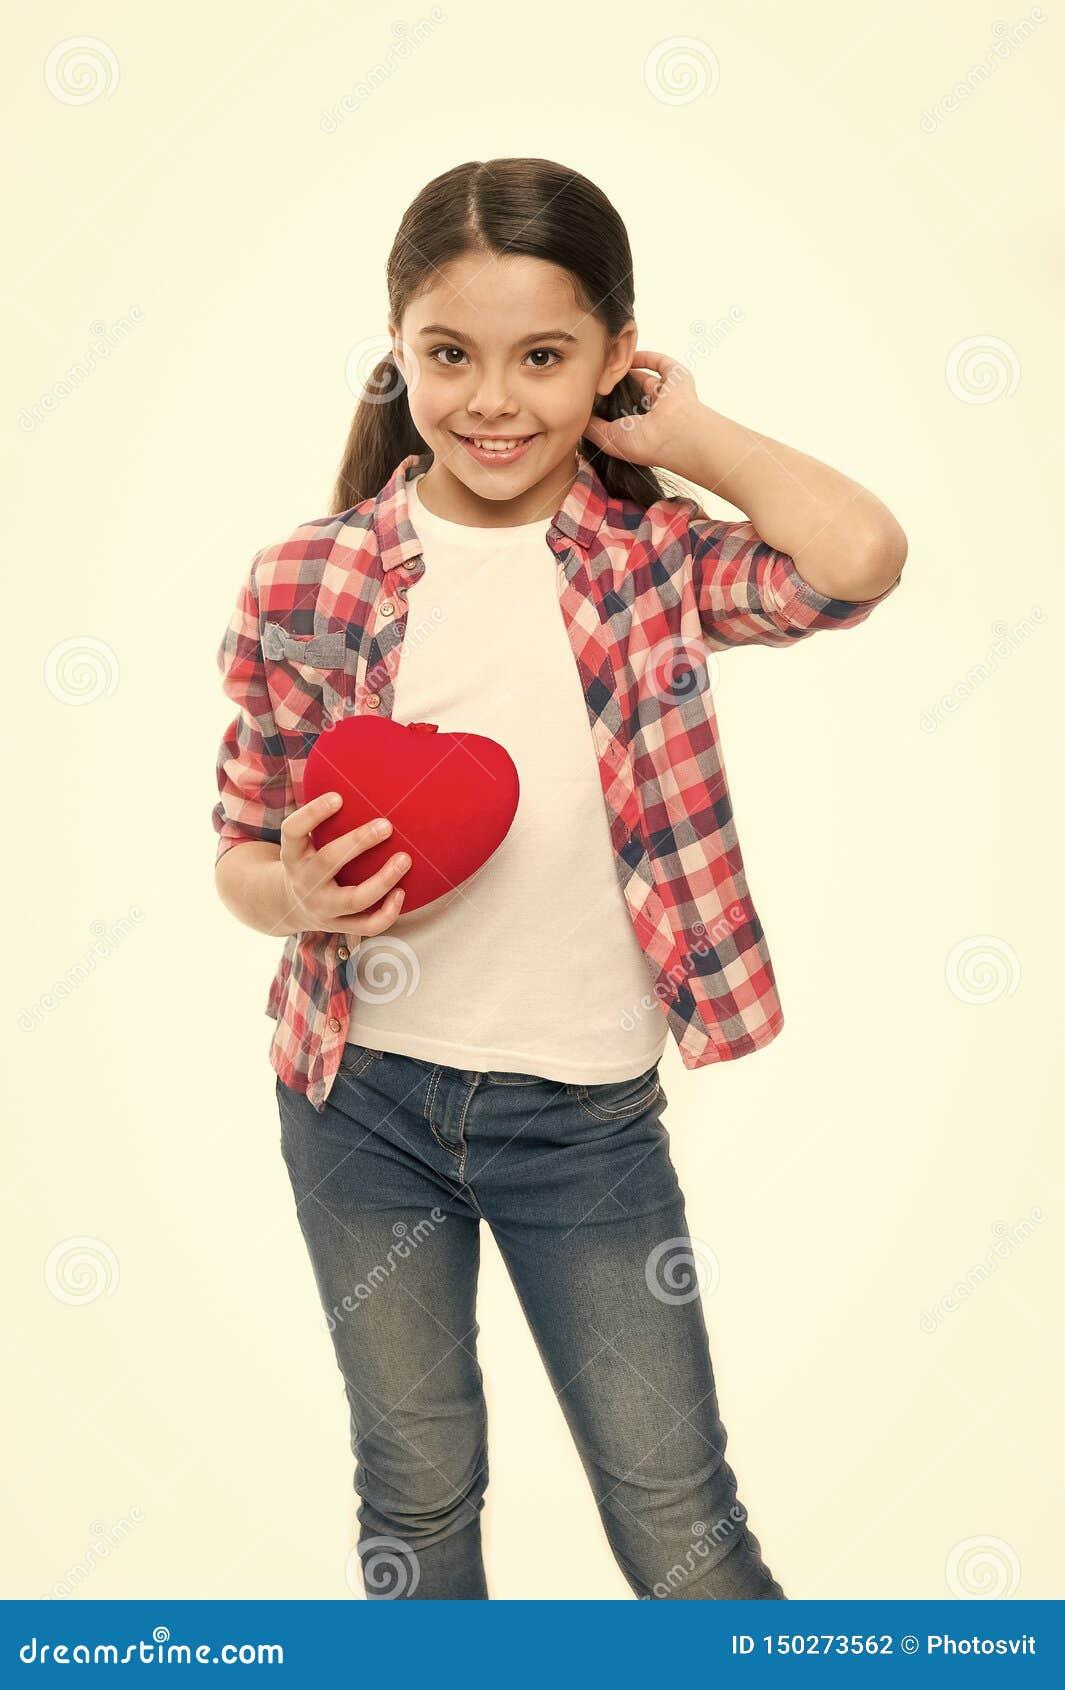 有心脏问题和心伤 拿着红心的女孩 表现出的小孩爱在情人节 r